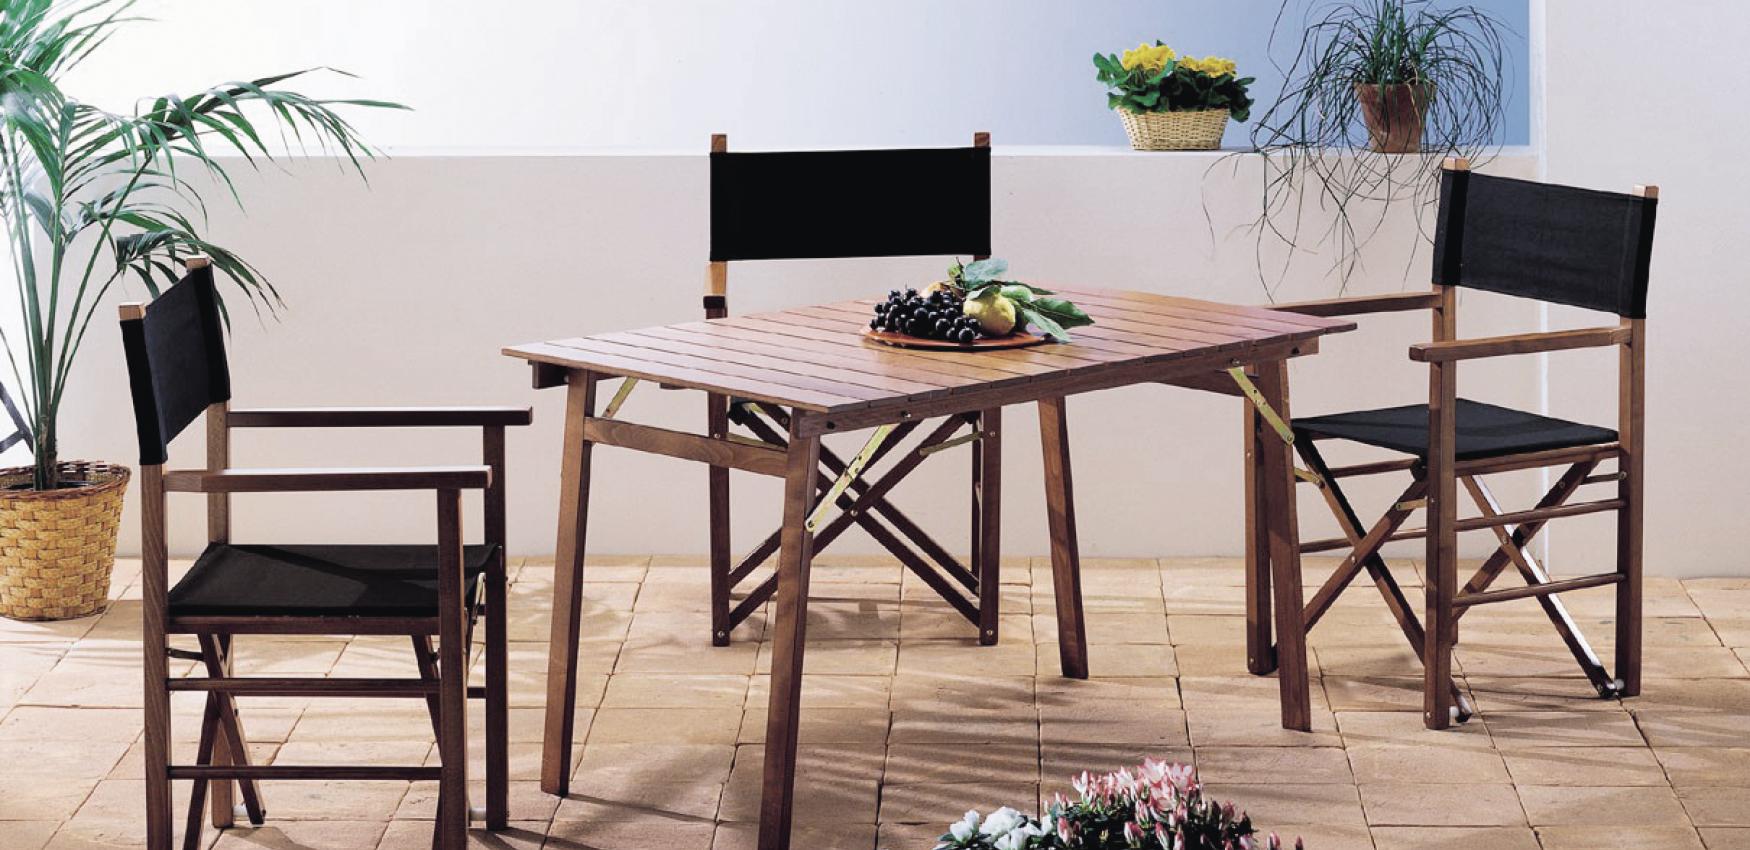 Zložljive mize